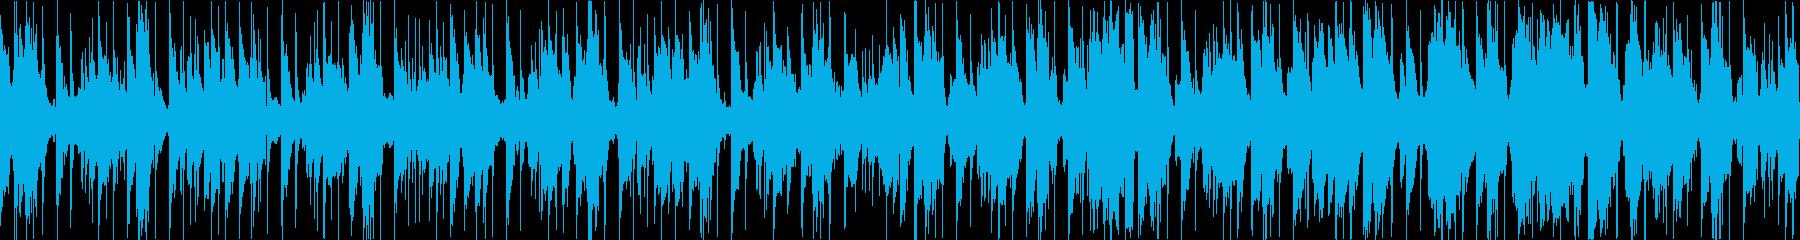 【ボーカル】セクシーな映像に合うR&B系の再生済みの波形